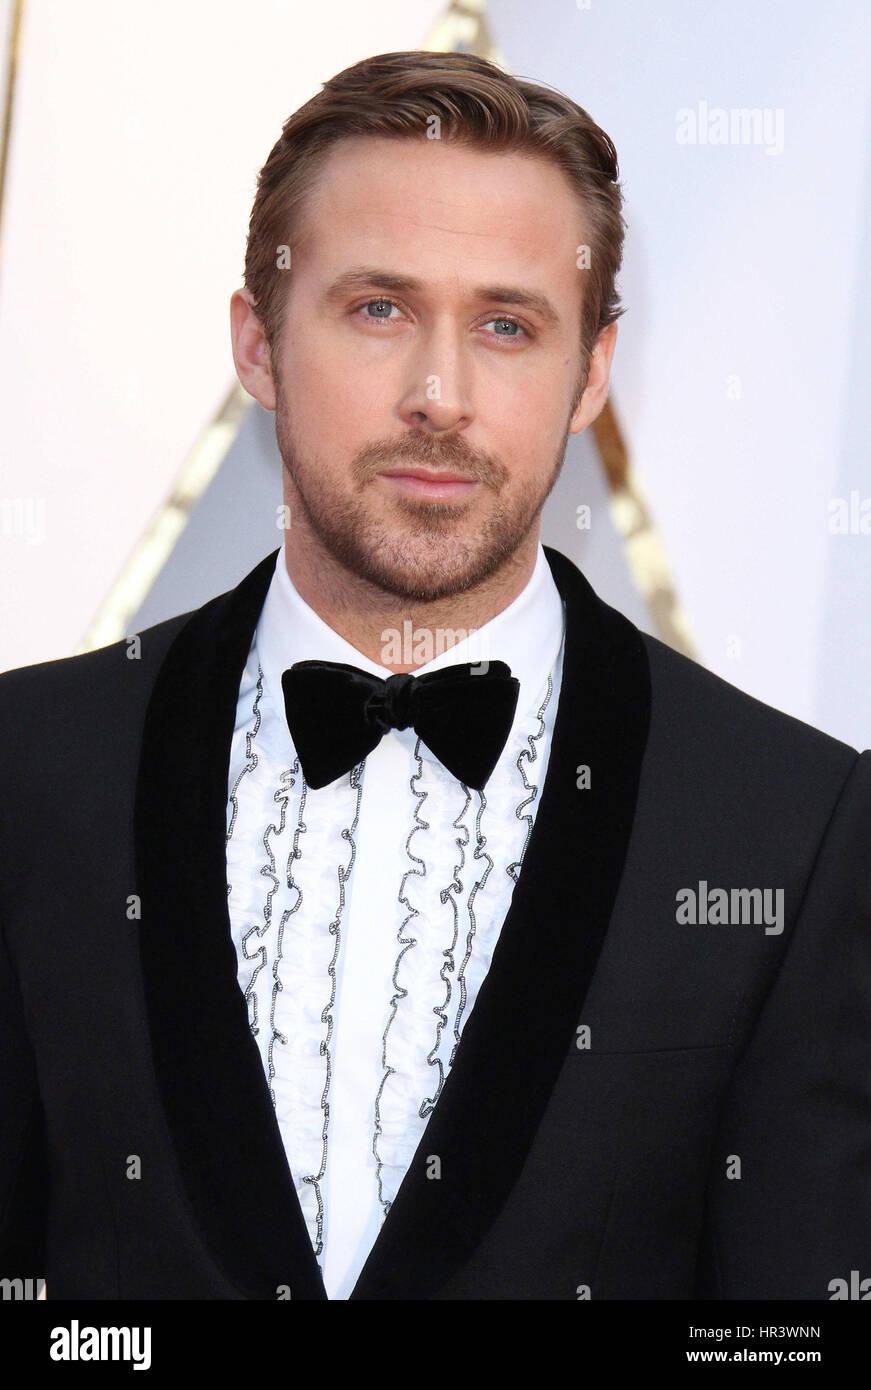 Febbraio 26, 2017 - Hollywood, CA - Ryan Gosling. Ottantanovesimo annuale di Academy Awards presentato dall'Accademia Immagini Stock